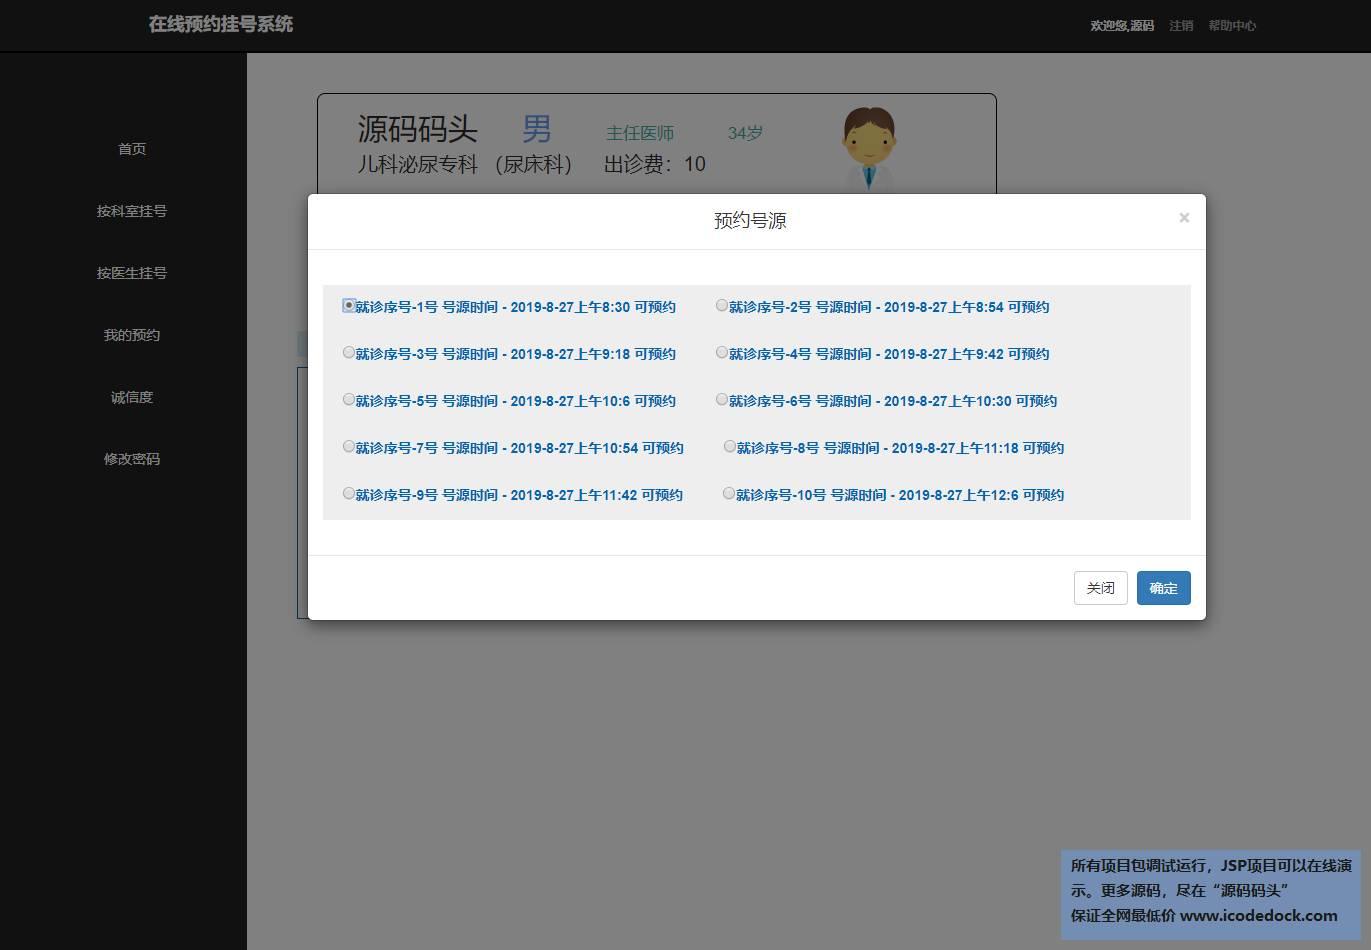 源码码头-JSP在线医疗预约挂号管理系统-用户角色-预约